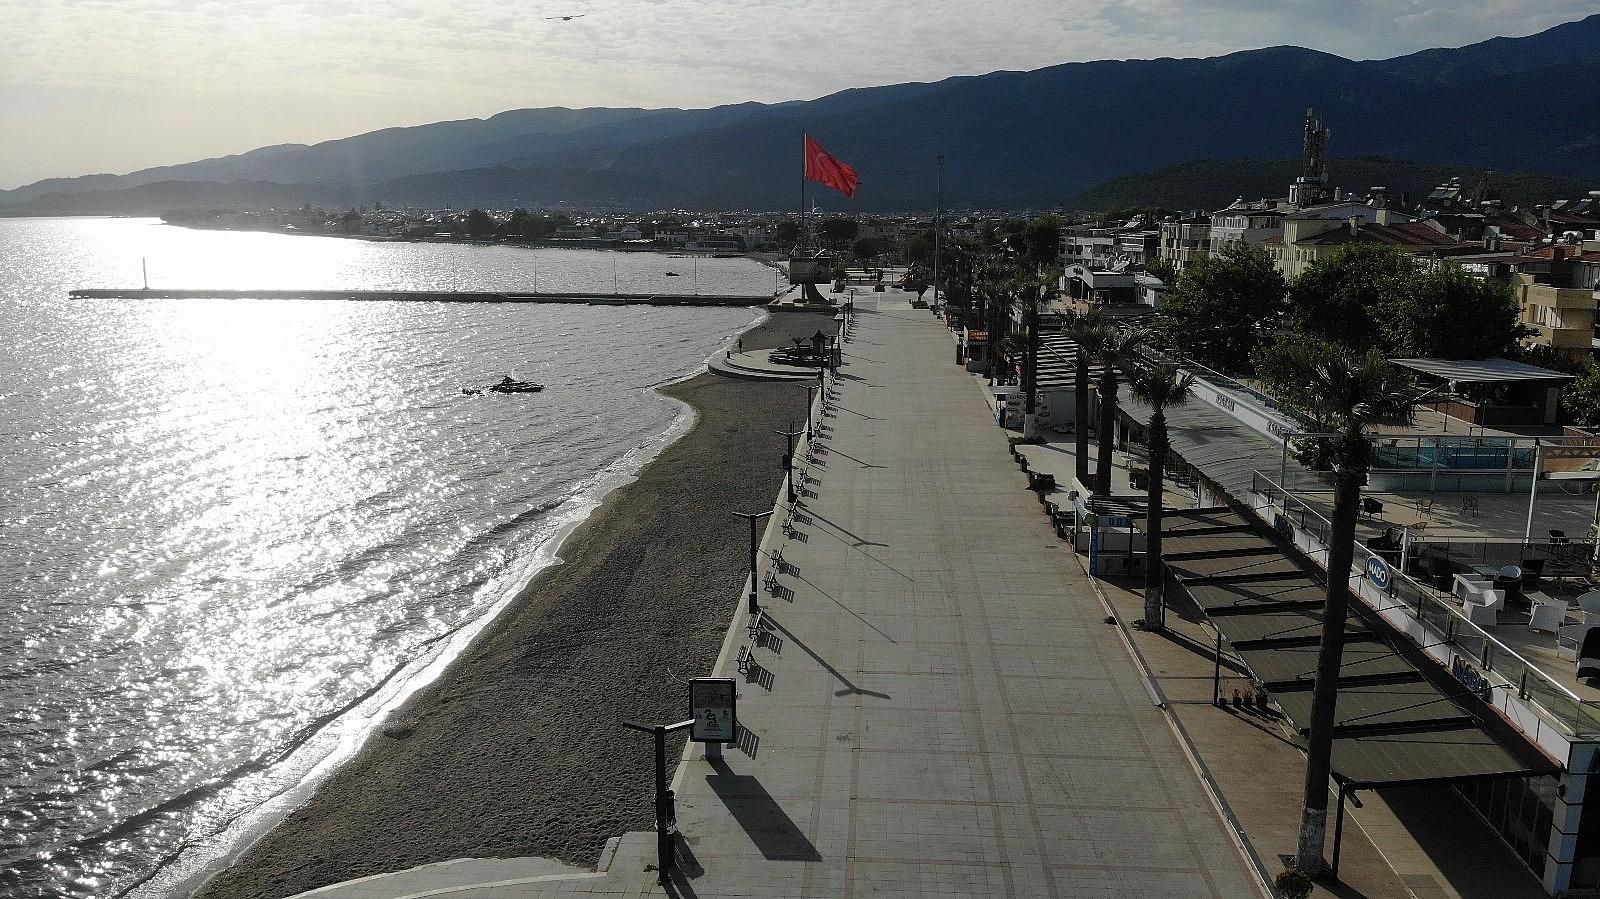 2021/05/plajlar-ve-sahiller-bayramin-birinci-gununde-bos-kaldi-20210513AW31-2.jpg